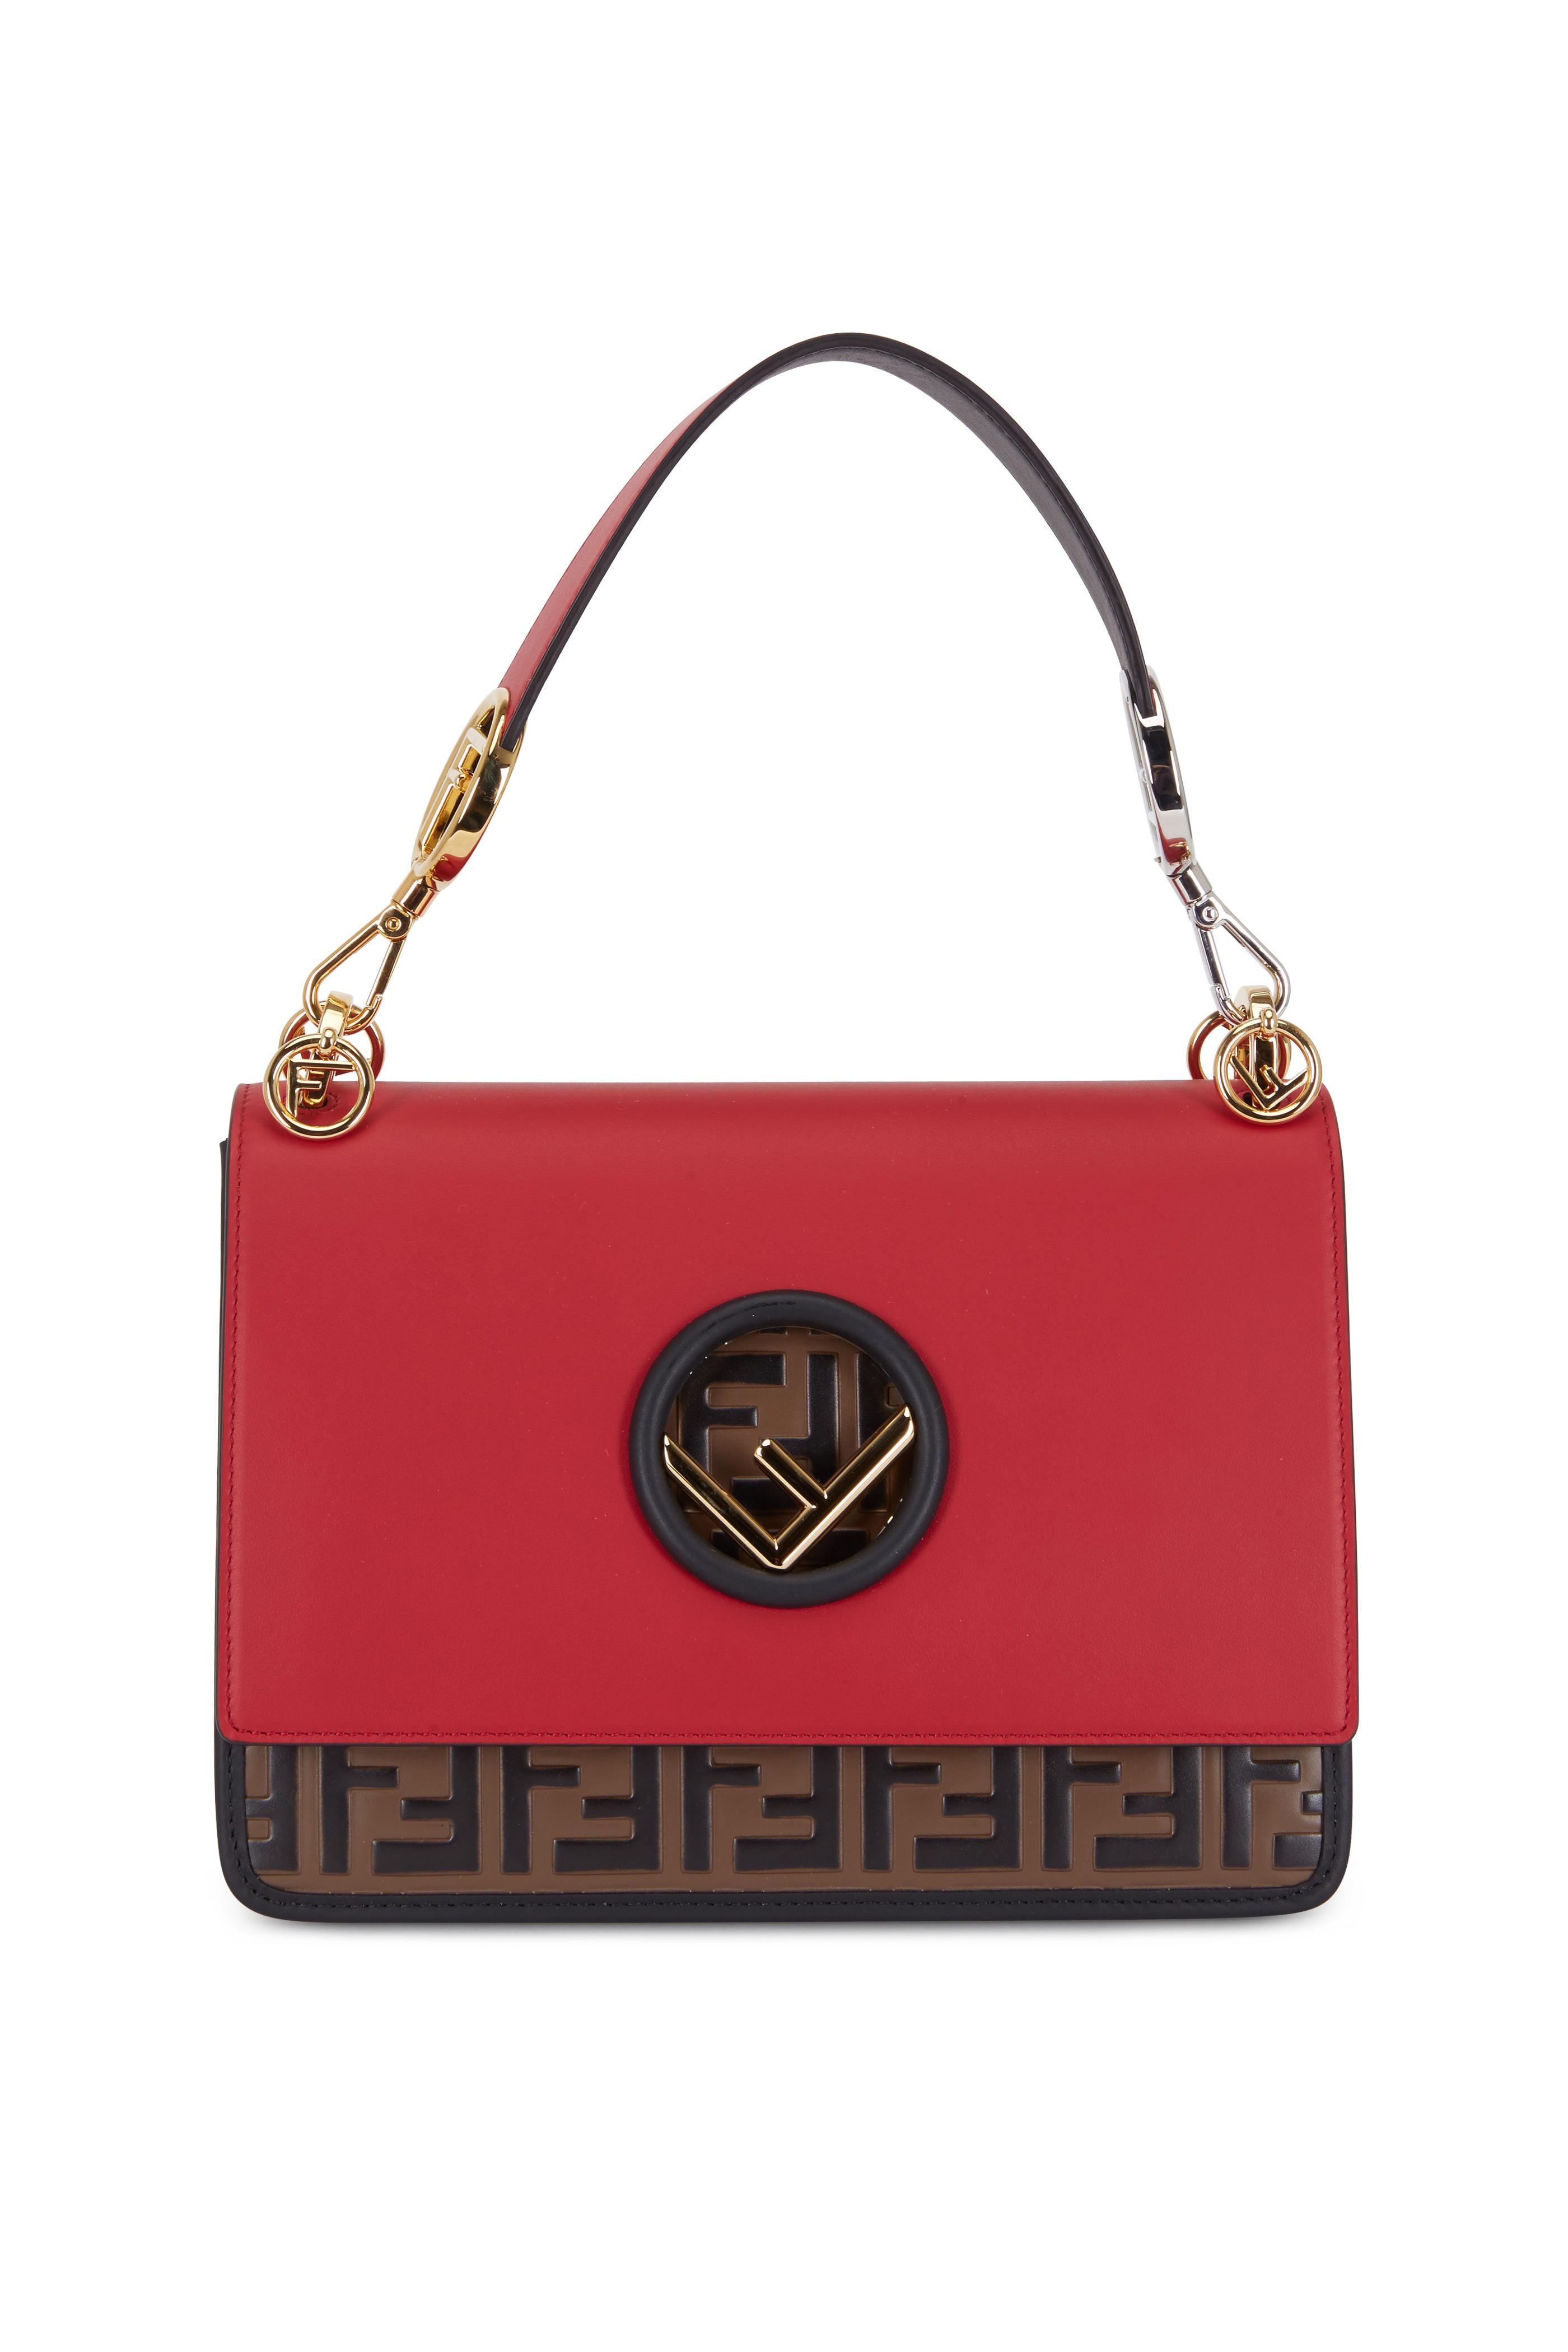 7a8609a046ab Fendi - Kan I Red   Brown Logo Leather Shoulder Bag